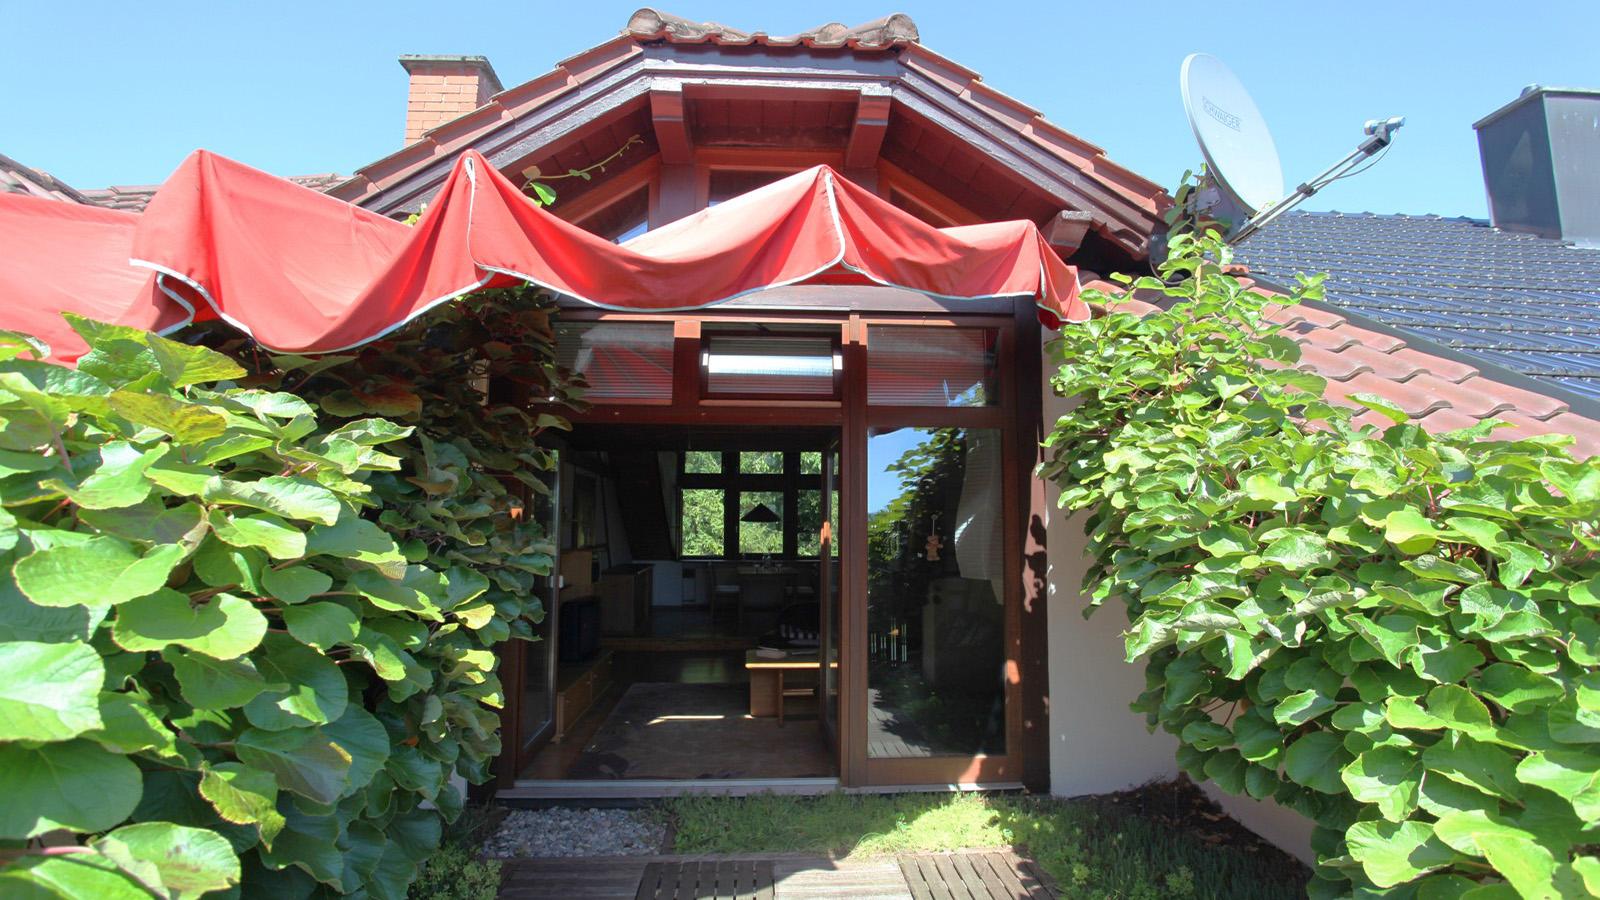 Dachterrasse mit Sonnensegel Fewo Roos in Konstanz Bodensee